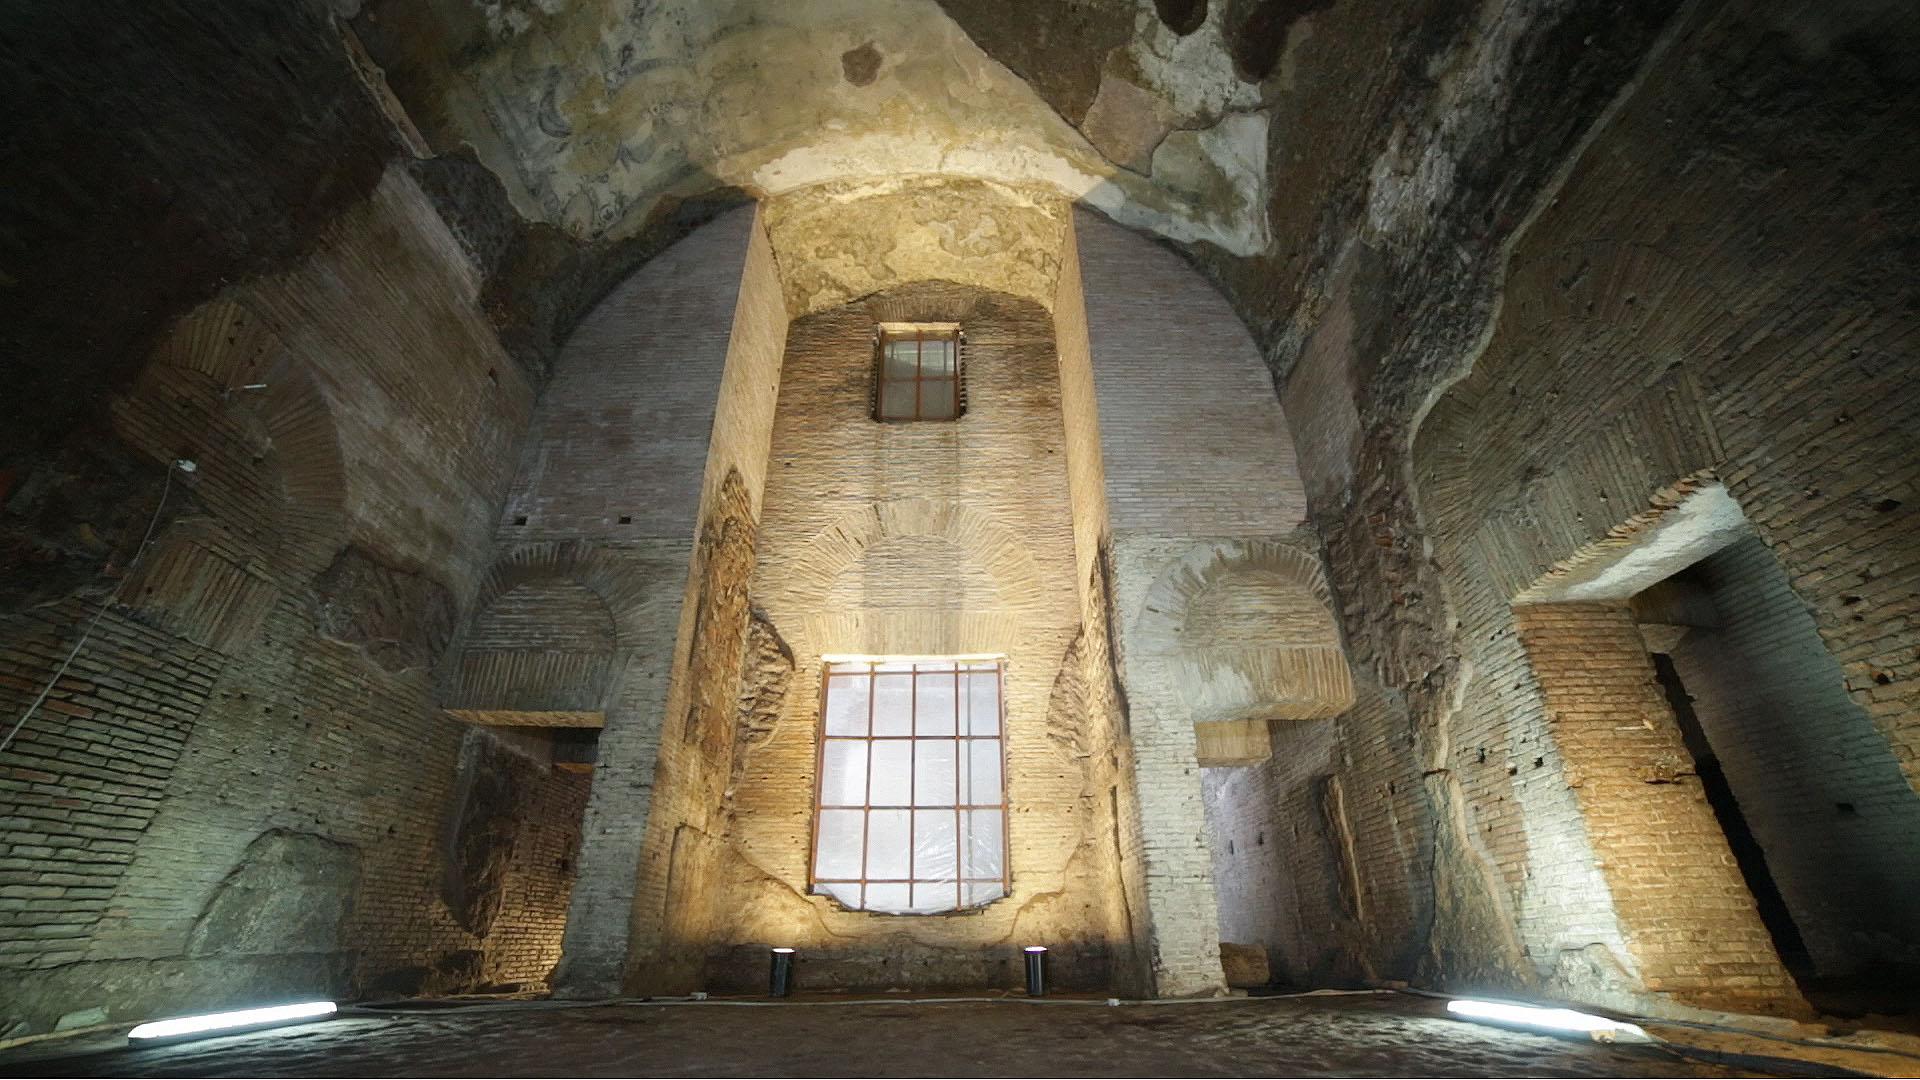 visita_guidata_domus-aurea_nerone_